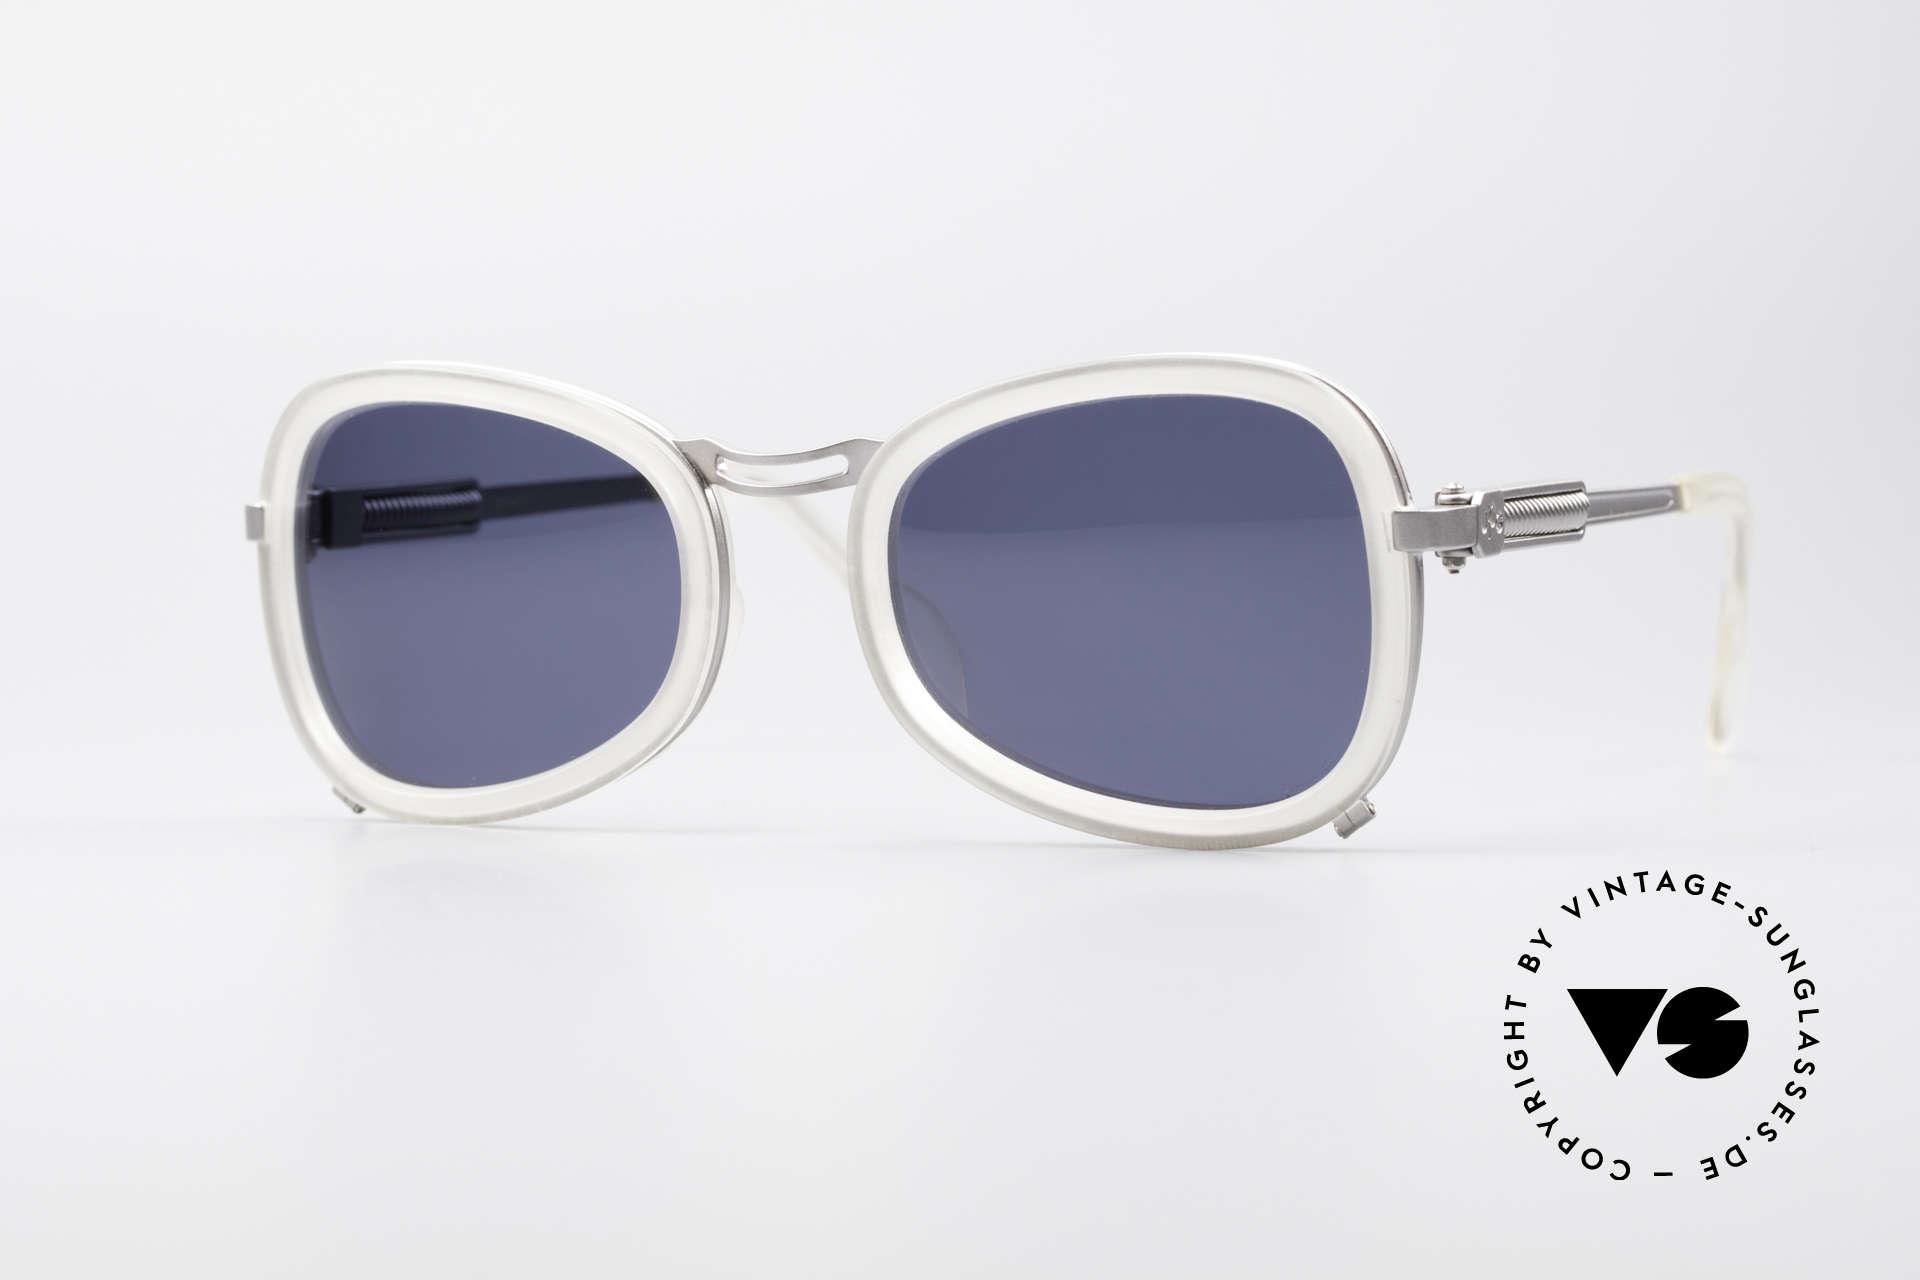 Jean Paul Gaultier 56-1271 90er Steampunk Sonnenbrille, massive Jean P. Gaultier vintage DesignerSonnenbrille, Passend für Herren und Damen